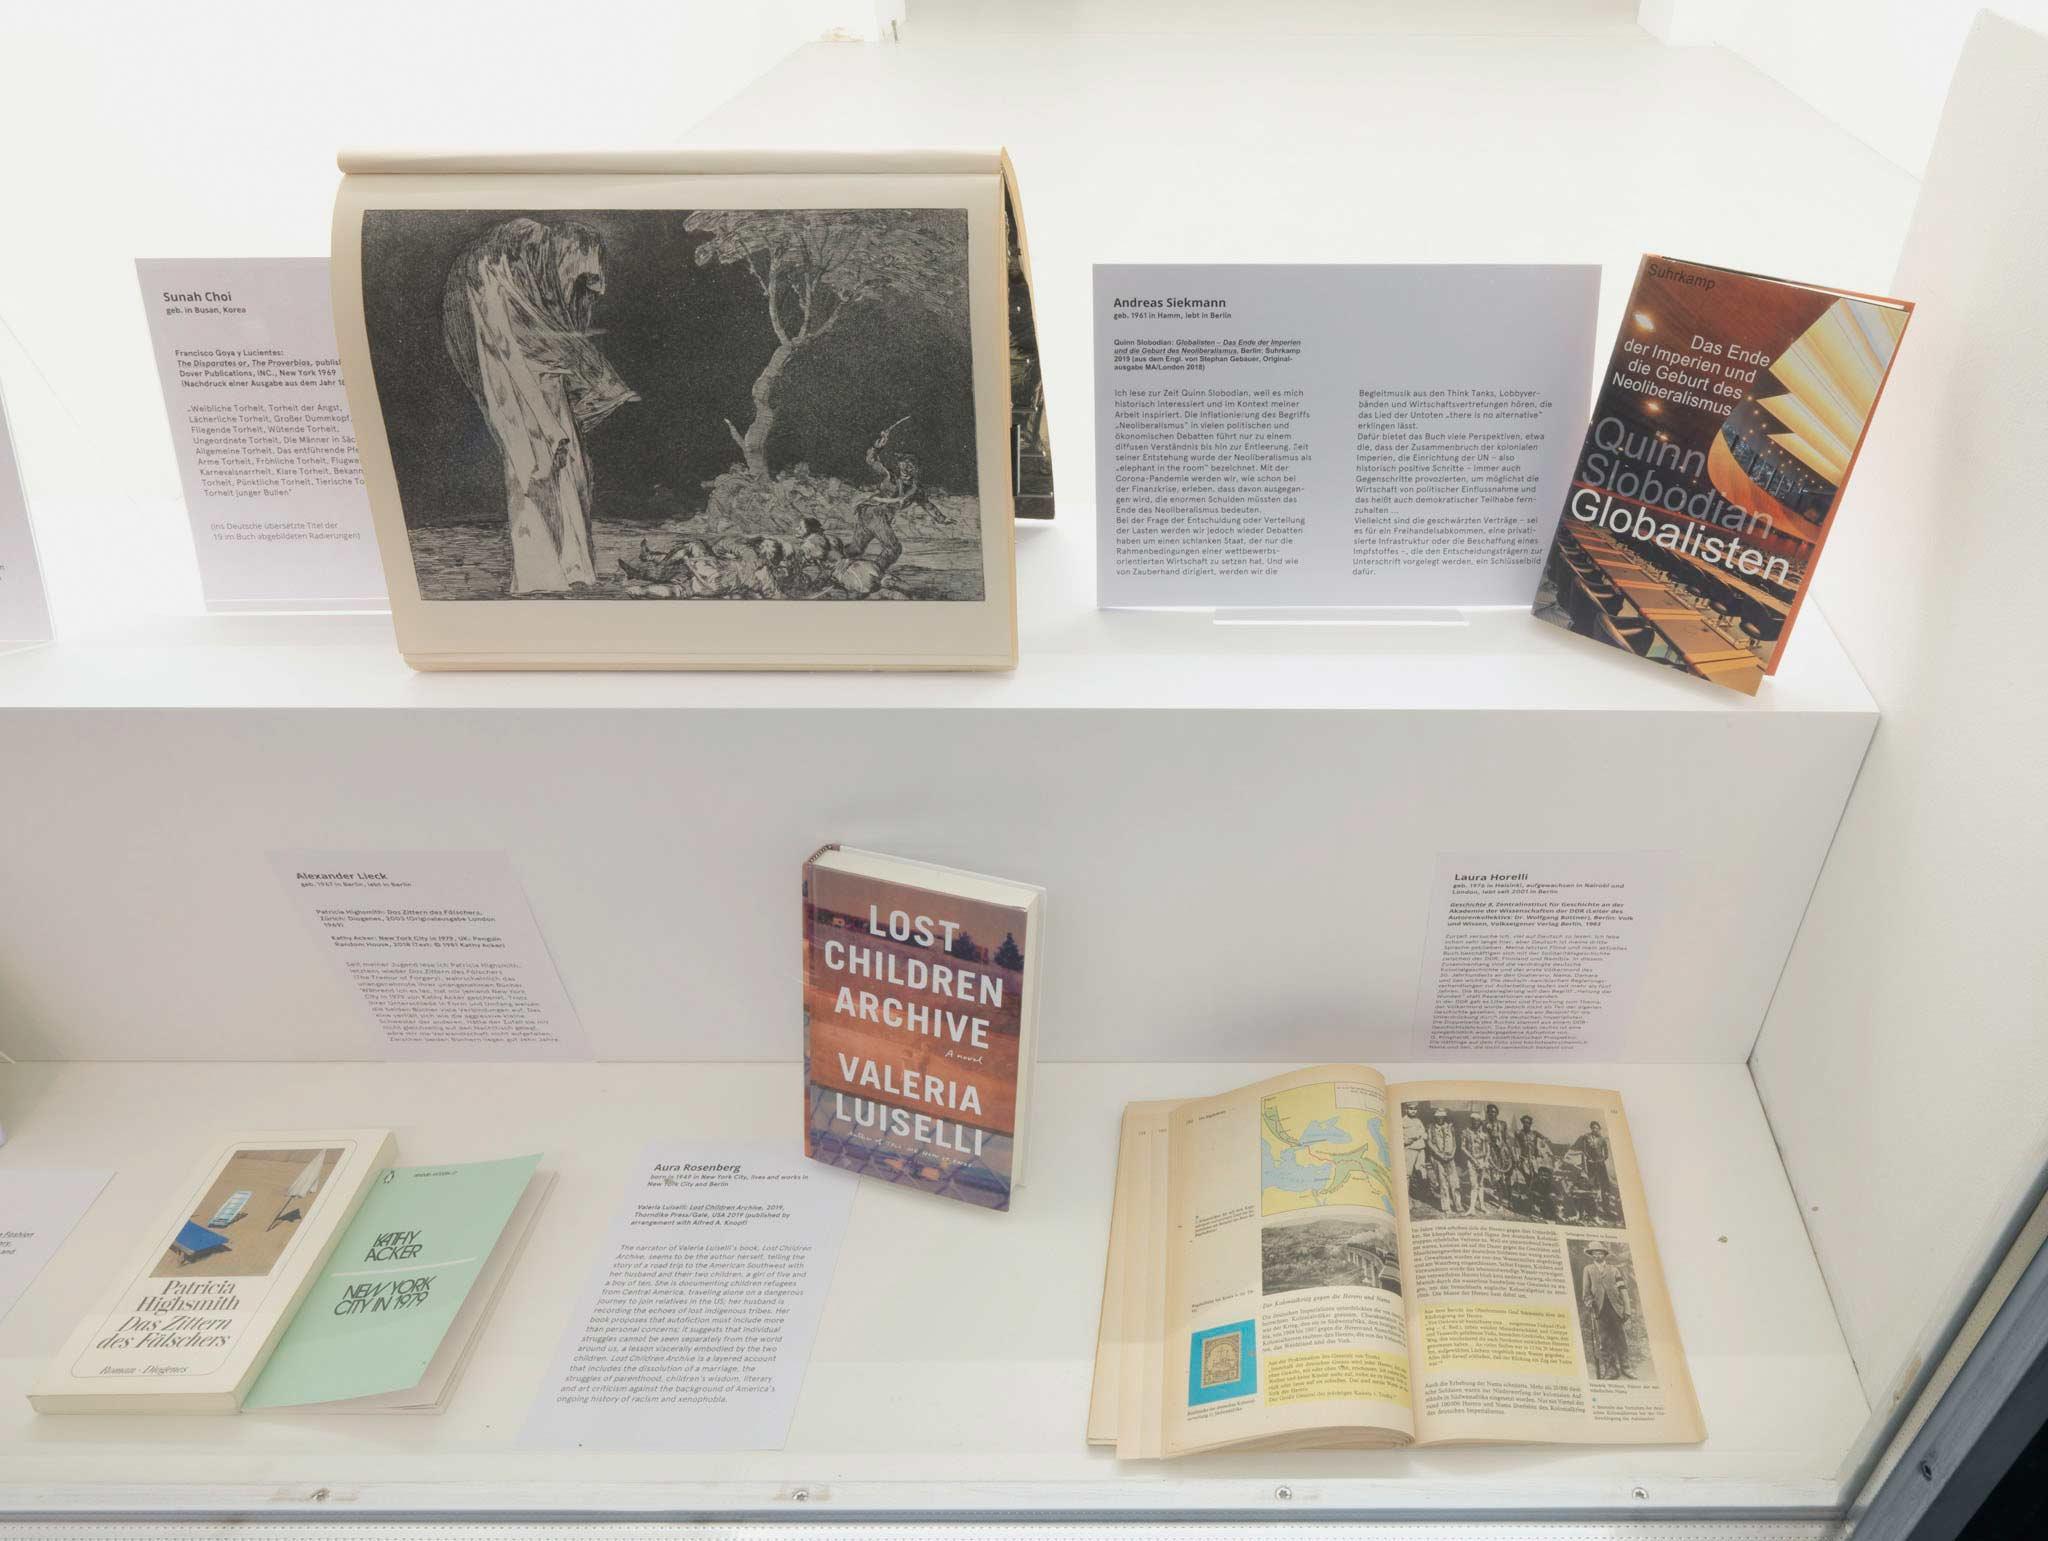 """<p>Oben: Sunah Choi – """"Francisco Goya y Lucientes: <i>The Disparates or, The Proverbios</i> (wechselnde Seiten/changing pages)"""", Andreas Siekmann – """"Quinn Slobodian: <i>Globalisten</i>"""".<br>Unten: Alexander Lieck – """"Patricia Highsmith: <i>Das Zittern des Fälschers</i> und/and Kathy Acker: <i>New York City in 1979</i>"""", Aura Rosenberg – """"Valeria Luiselli: <i>Lost Children Archive</i>"""", Laura Horelli – """"Zentralinstitut für Geschichte an der Akademie der Wissenschaften der DDR: <i>Geschichte 8</i> (S. 182/183)"""". Foto: Jens Ziehe</p>"""